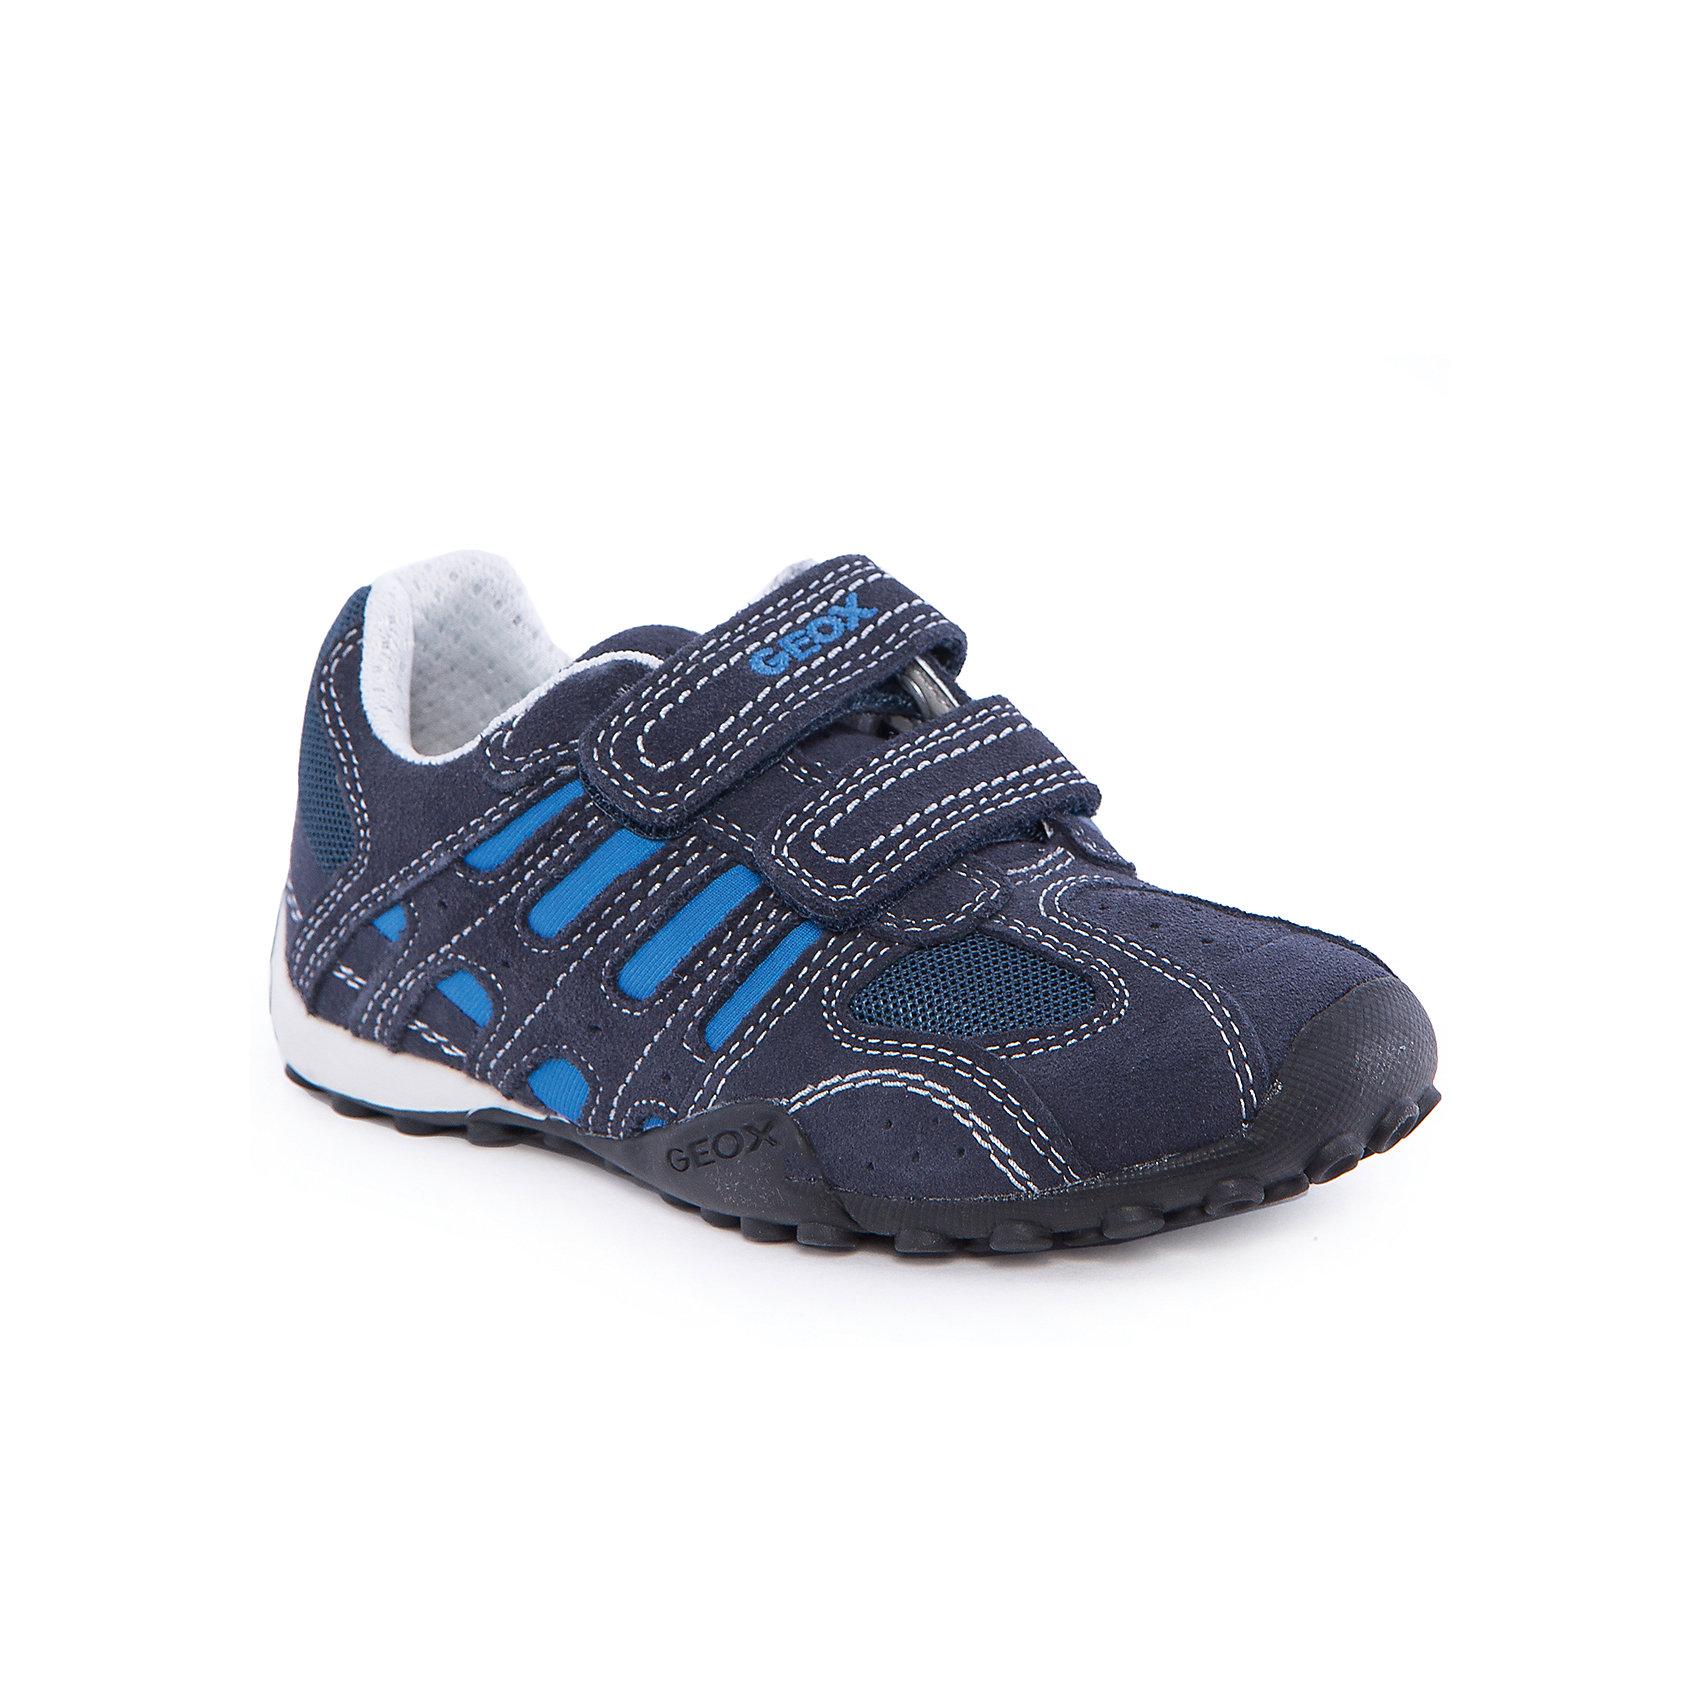 Кроссовки для мальчика GEOXКроссовки для мальчика от популярной марки GEOX (Геокс).<br><br>Стильные дышащие кроссовки - отличная обувь для нового летнего сезона. Эта модель создана специально для мальчиков, она очень стильно и оригинально смотрится.<br>Производитель обуви заботится не только о внешнем виде, но и стабильно высоком качестве продукции. GEOX (Геокс) разработал специальную высокотехнологичную стельку. Вся обувь делается только из качественных и надежных материалов.<br><br>Отличительные особенности модели:<br><br>- цвет: синий;<br>- декорирована контрастной прострочкой и яркими вставками;<br>- гибкая прочная подошва;<br>- мягкий и легкий верх;<br>- защита пятки и пальцев;<br>- стильный дизайн;<br>- удобные застежки - липучки;<br>- комфортное облегание.<br>- анатомическая антибактериальная противоударная стелька;<br>- подкладка - натуральная кожа;<br>- дышащие материалы (технология Geox Respira).<br><br>Дополнительная информация:<br><br>- Сезон: весна/лето.<br><br>- Состав:<br><br>материал верха: натуральная кожа, текстиль;<br>стелька: натуральная кожа;<br>подошва: полимер.<br><br>Кроссовки для мальчика GEOX (Геокс) можно купить в нашем магазине.<br><br>Ширина мм: 250<br>Глубина мм: 150<br>Высота мм: 150<br>Вес г: 250<br>Цвет: синий<br>Возраст от месяцев: 132<br>Возраст до месяцев: 144<br>Пол: Мужской<br>Возраст: Детский<br>Размер: 35,30,28,29,31,33,34,36,37,38,39,32<br>SKU: 4519389